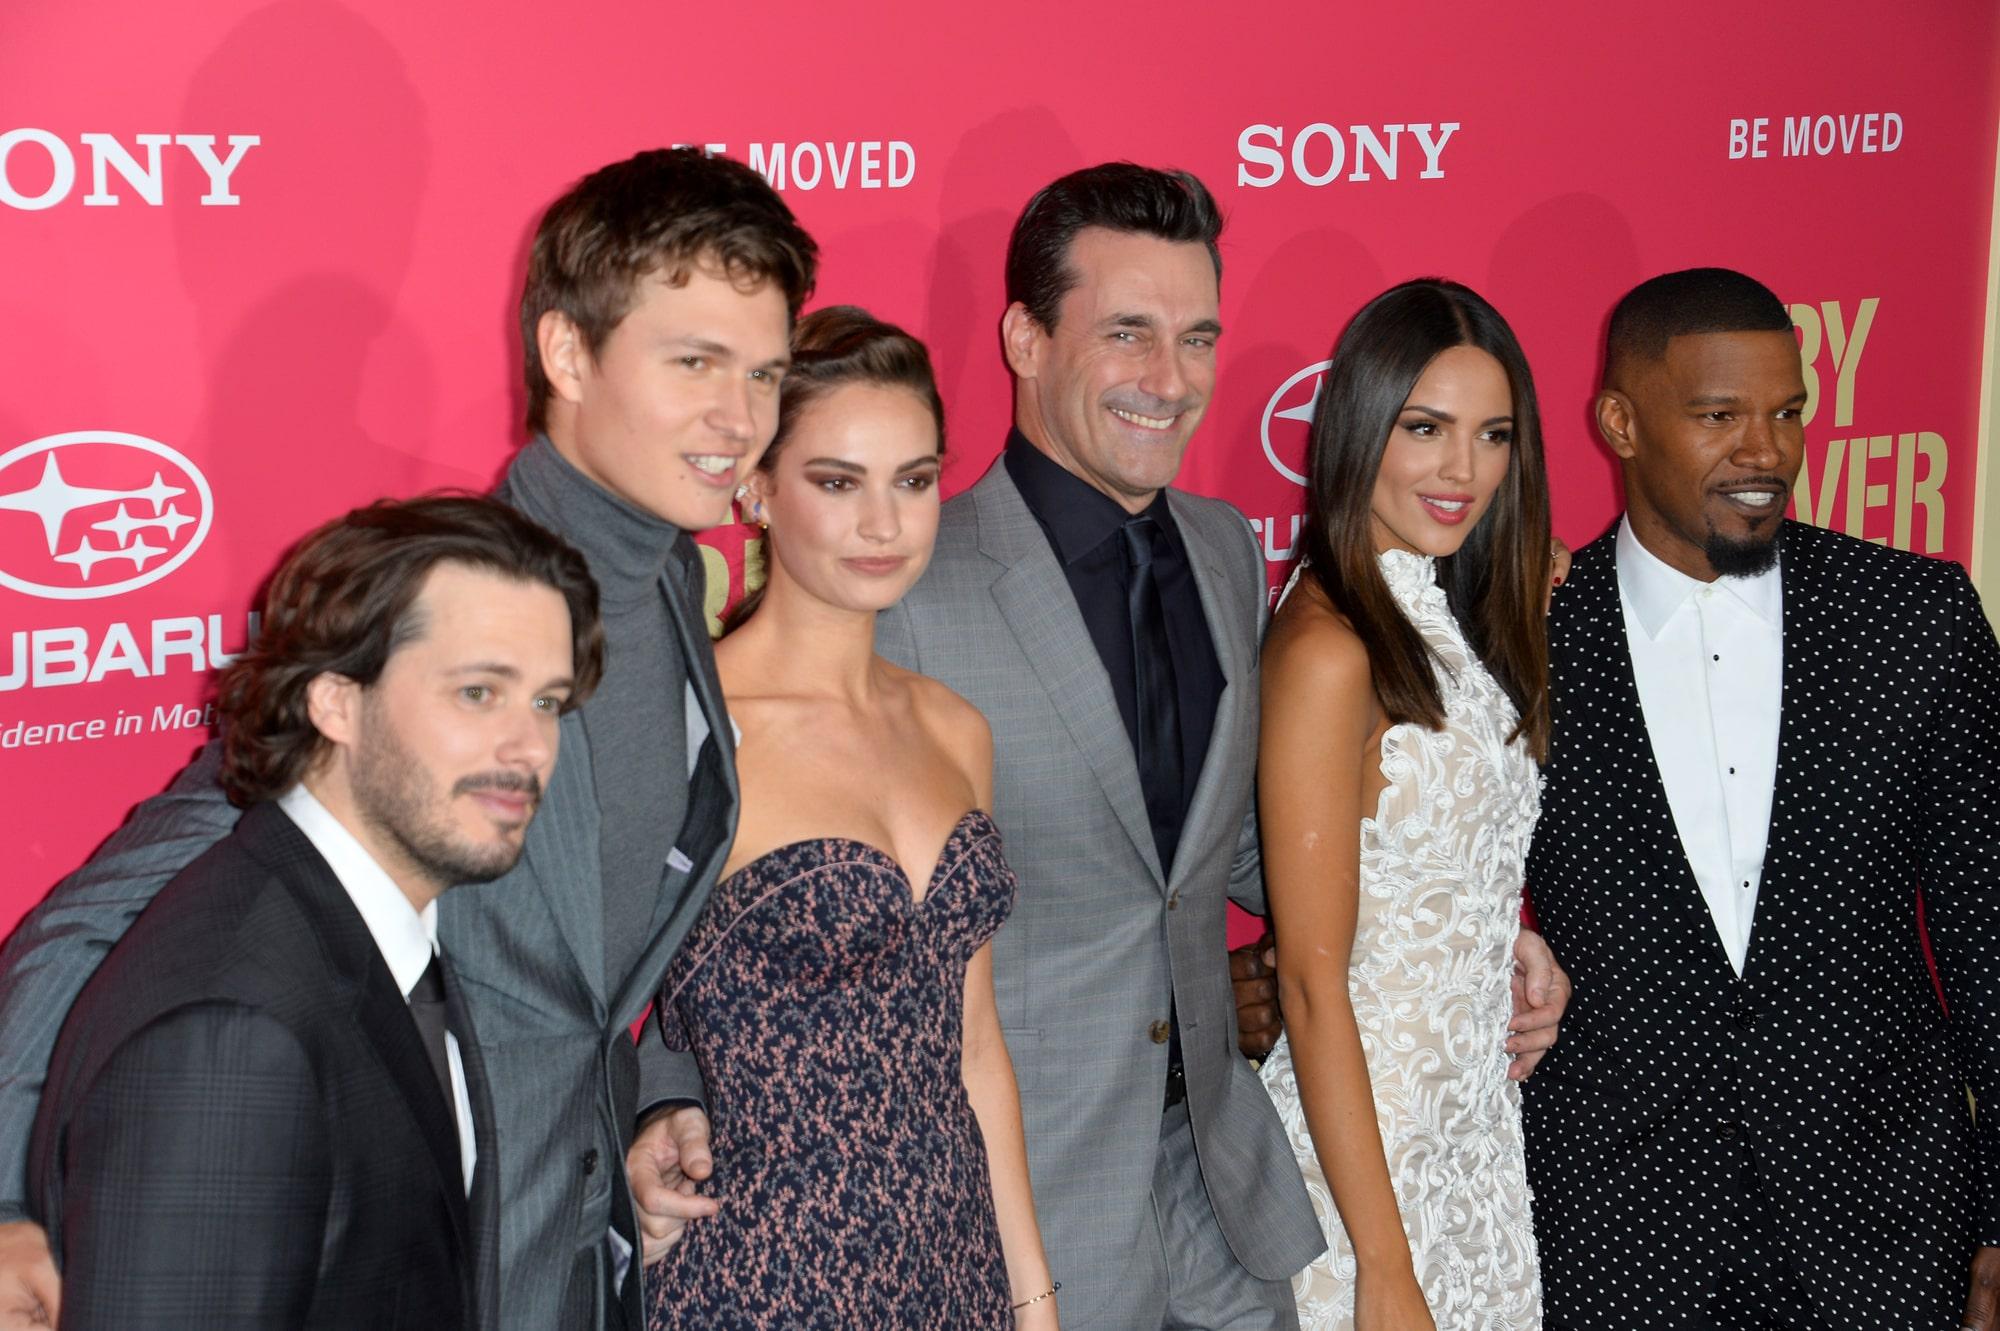 Режиссер и сценарист Эдгар Райт заявил, что закончил работу над сценарием второй части «Малыша на драйве»